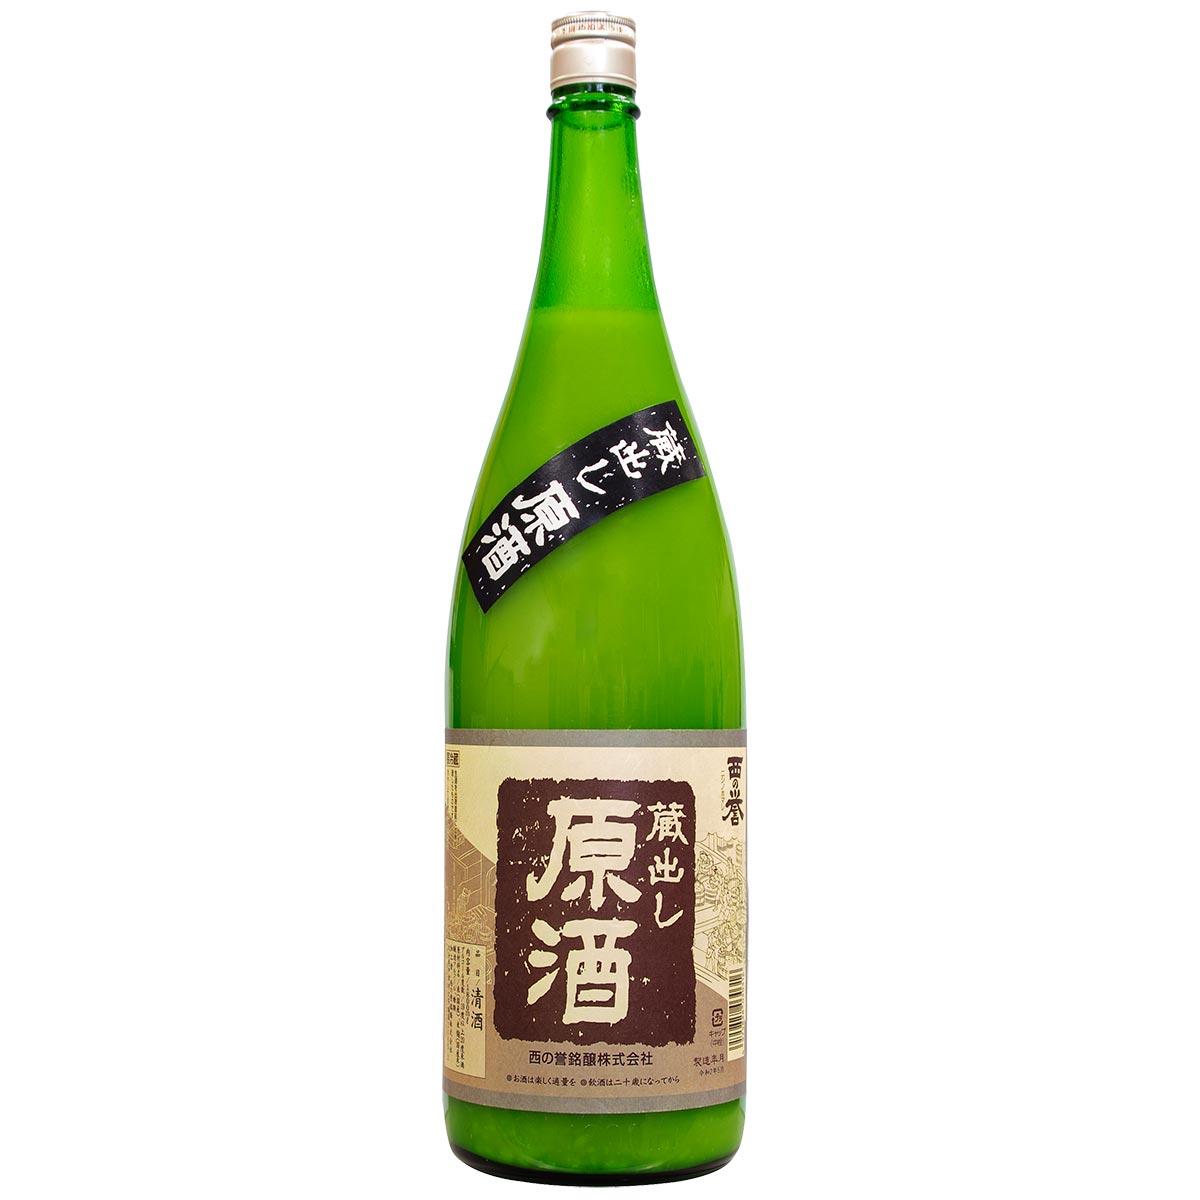 蔵出し原酒 1.8L